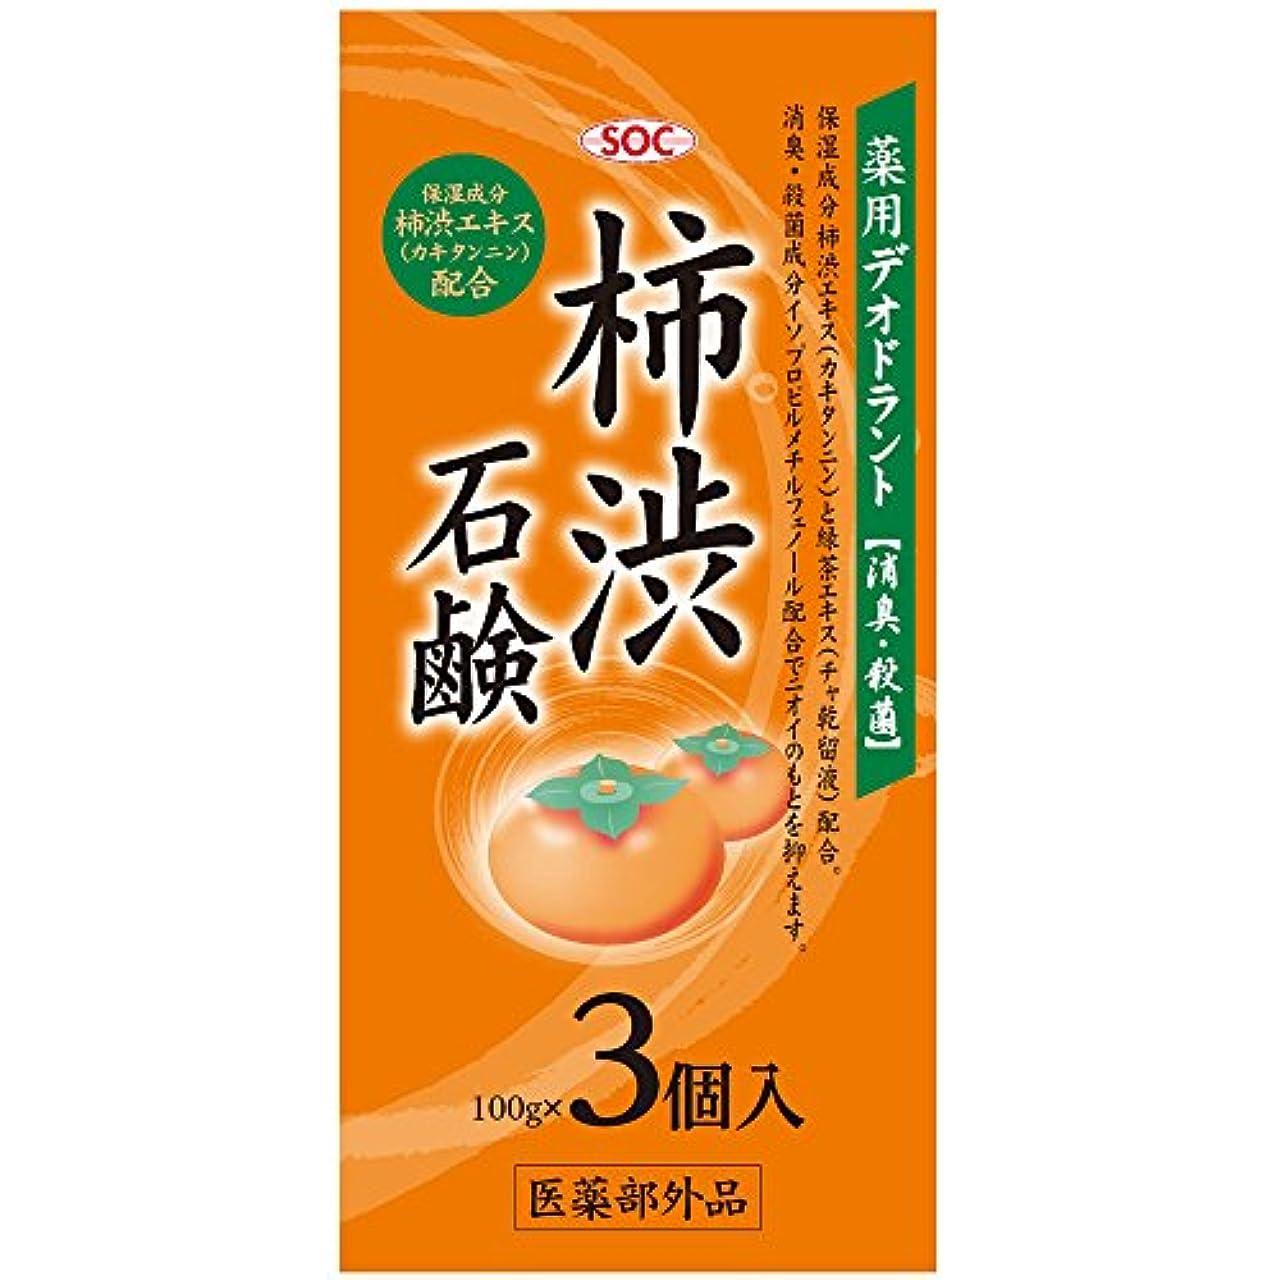 請求可能どこにでもラッシュSOC 薬用柿渋石鹸 3P (100g×3)